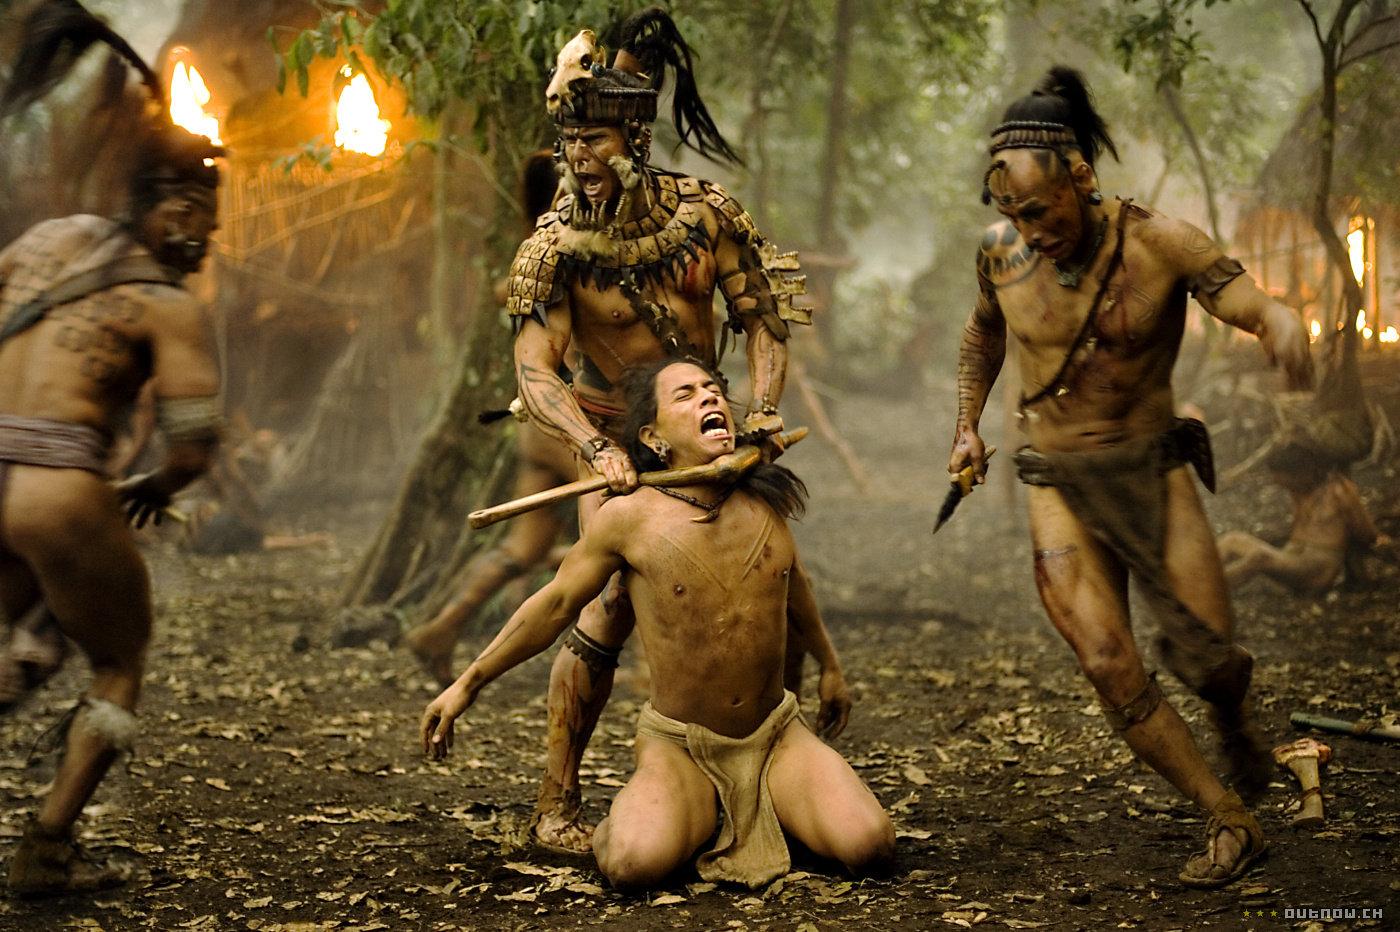 Ритуальное жертвоприношение порно смотреть онлайн 14 фотография